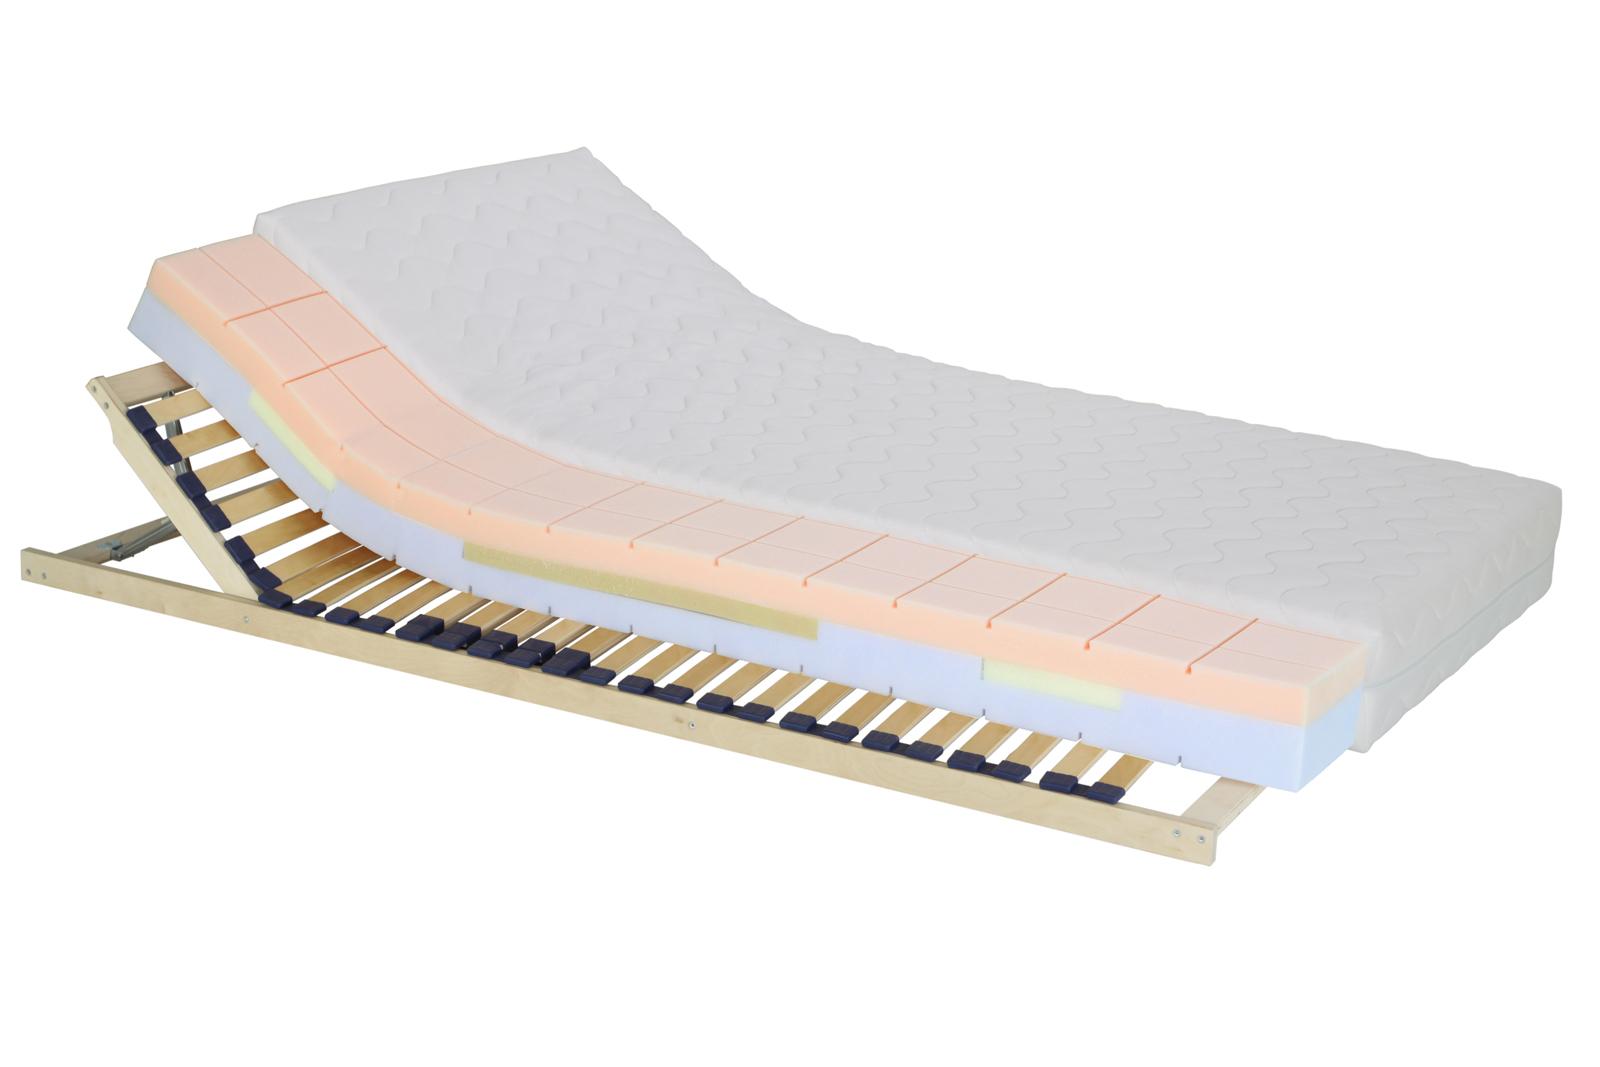 Penový matrac - Tempo Kondela - Tempo 20, 200x80 cm. Sme autorizovaný predajca Tempo-Kondela. Vlastná spoľahlivá doprava až k Vám domov.